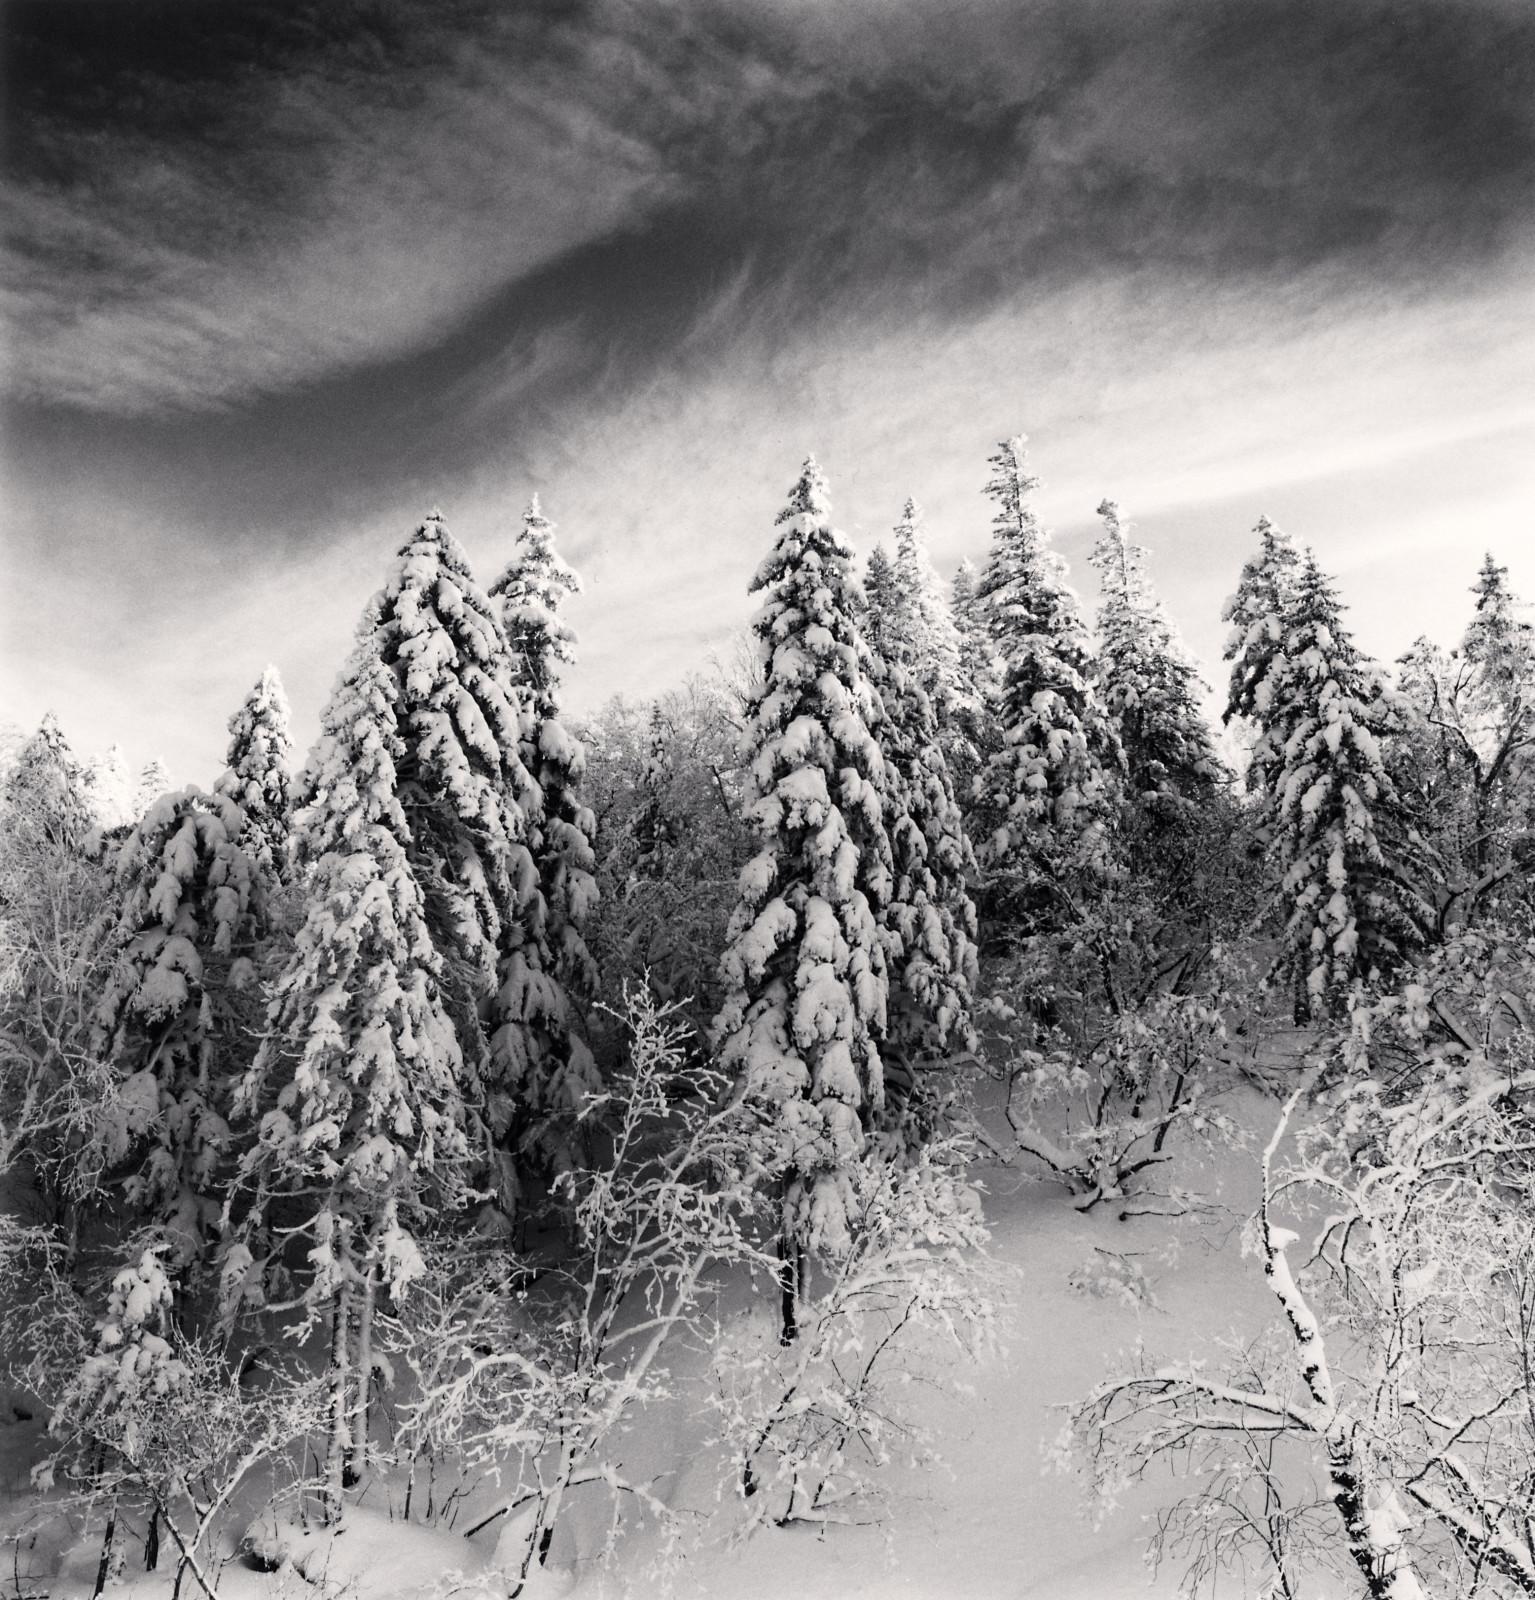 Snow Clad Trees, Heilongjiang, China, 2012